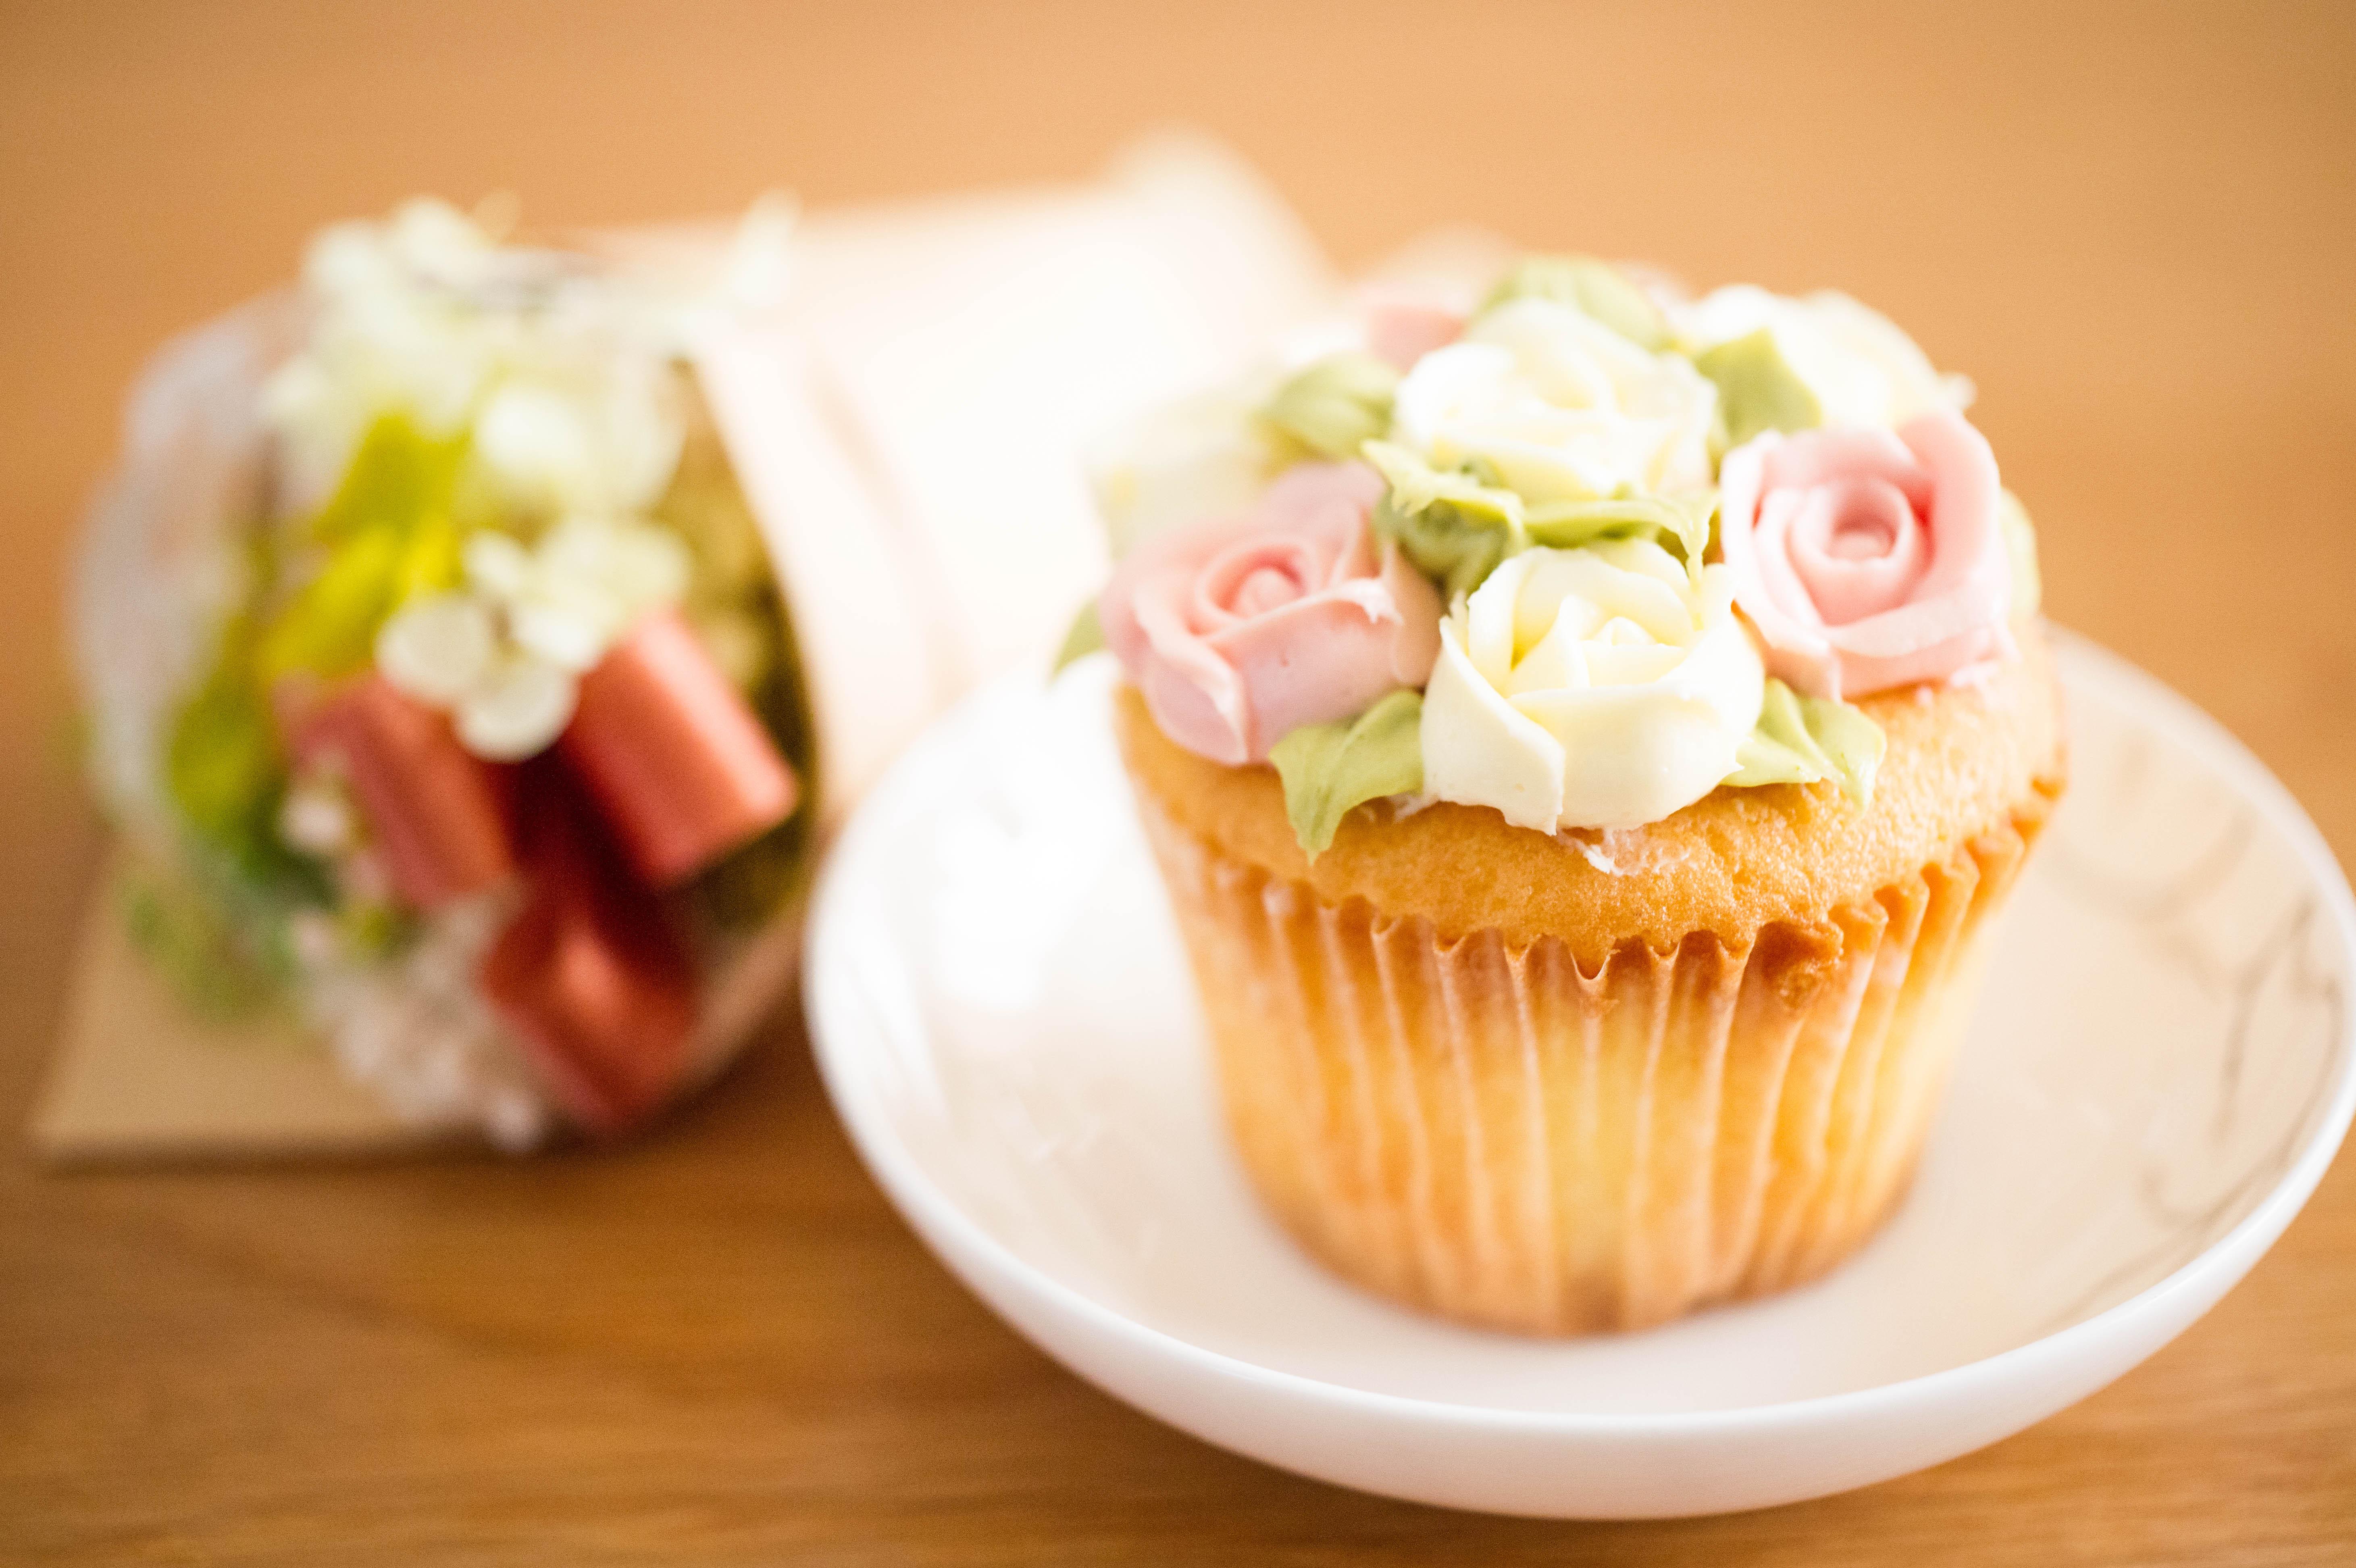 卅十米手作烘焙坊❤婚禮小物❤玫瑰朵朵杯子蛋糕❤10盒(60入)特價$2880❤使用香草磅蛋糕為基底,擠上天然的奶油乳酪糖霜餡料(使用天然的食物萃取粉末),美麗獨特的玫瑰花造型,絕對讓賓客感受到新人的用心喔!